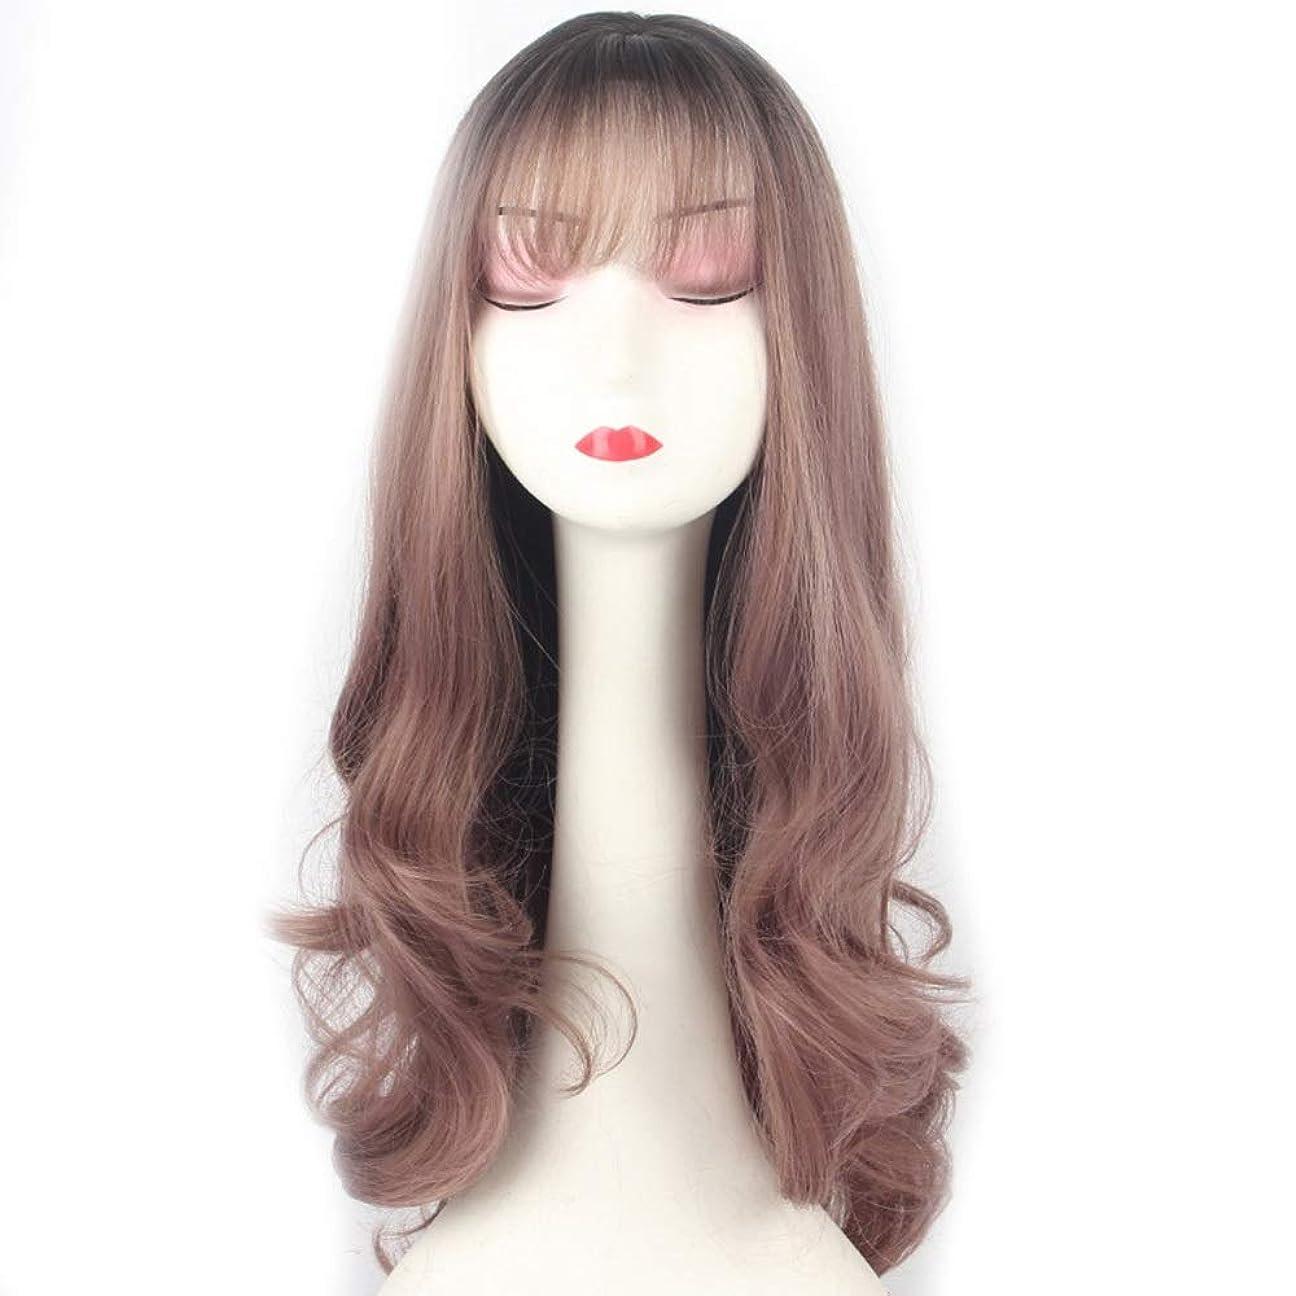 これまで議題パターンWASAIO グラデーション薄いつるパープルかつら女性カールウィッグコスプレハロウィンヘアアクセサリースタイルの交換のための前髪 (色 : Gradient thin vine purple)